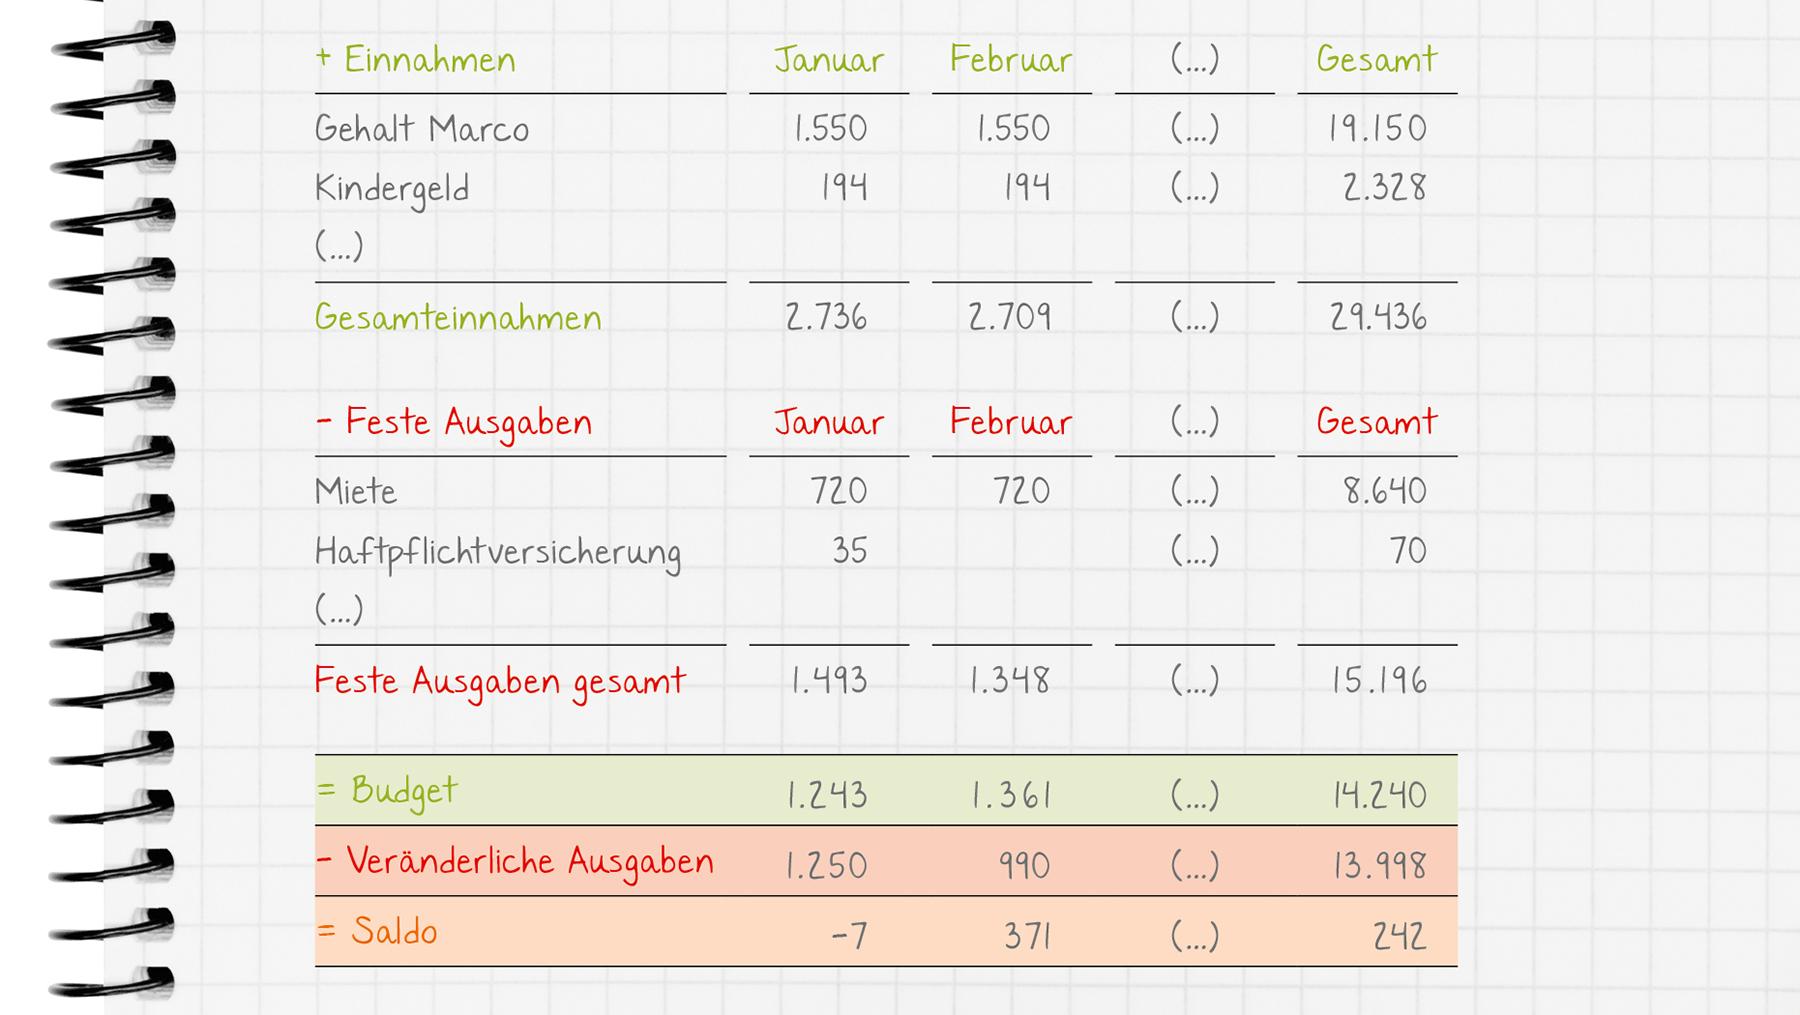 Grafik: Tabellarische Übersicht von Einnahmen, festen Ausgaben, Budget und Saldo.